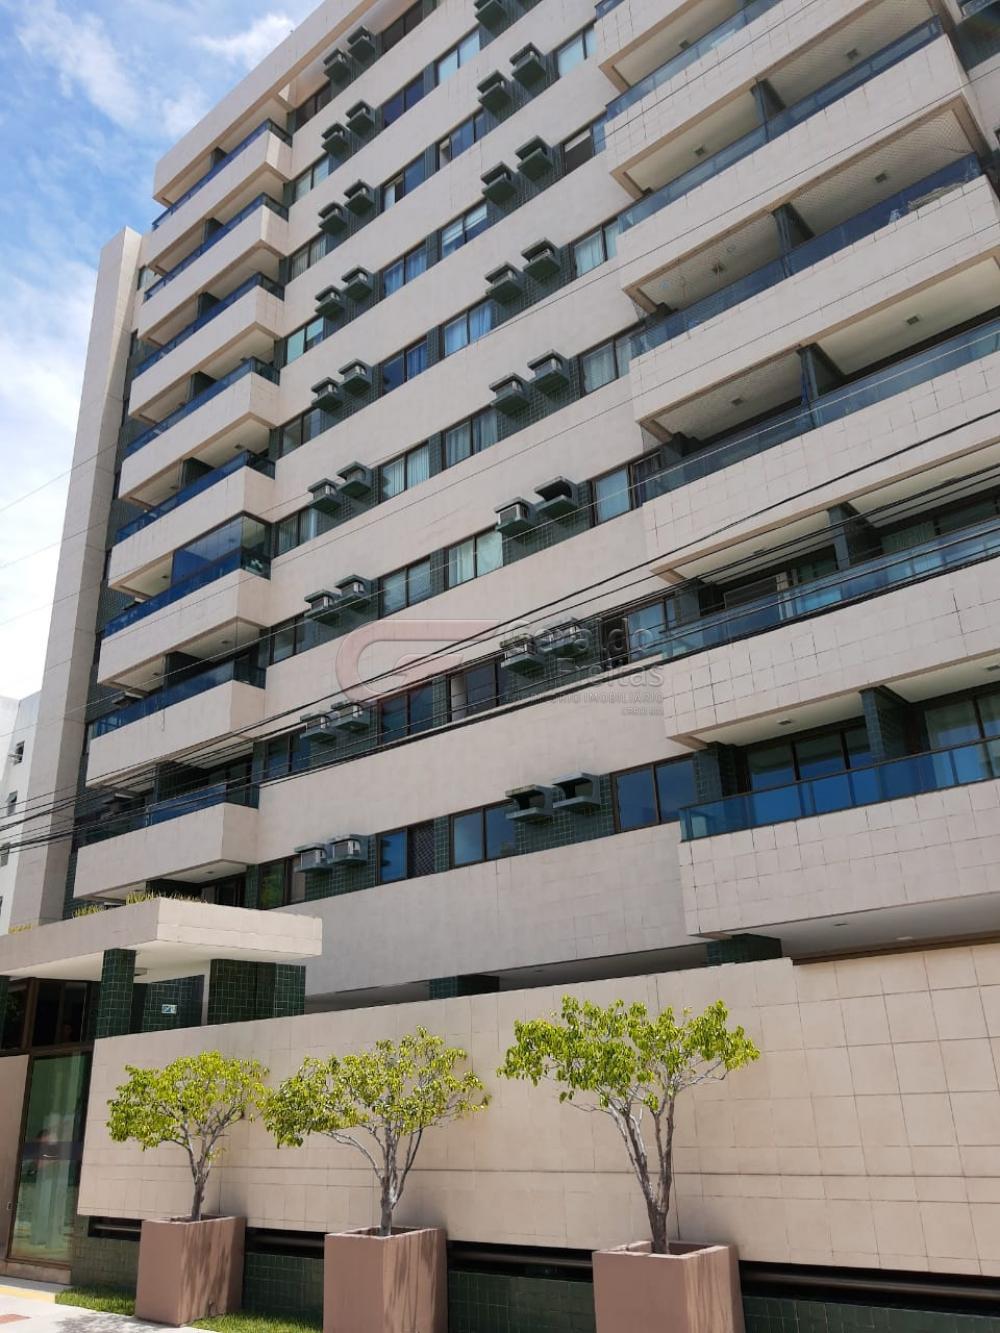 Comprar Apartamentos / Padrão em Maceió apenas R$ 350.000,00 - Foto 24